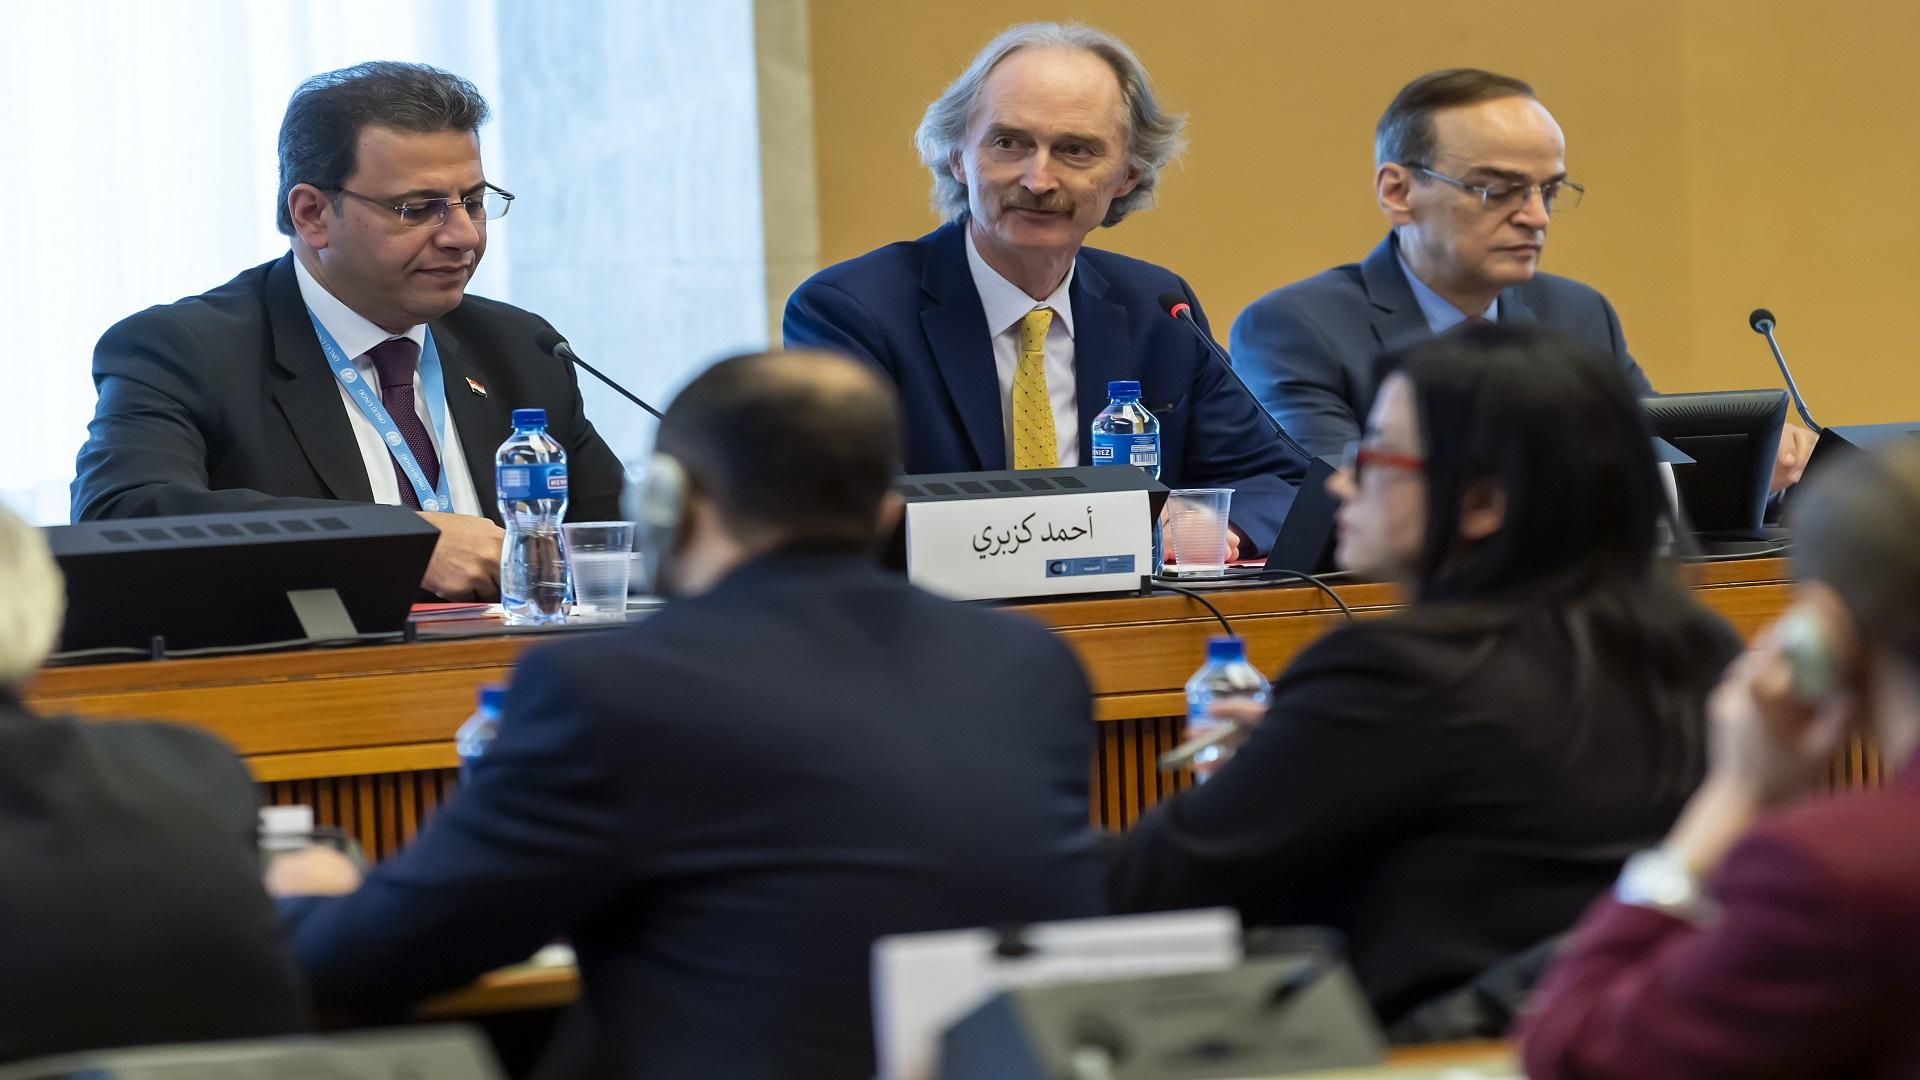 واشنطن تثني على جهود بيدرسون بجمع رئيسي اللجنة الدستورية السورية